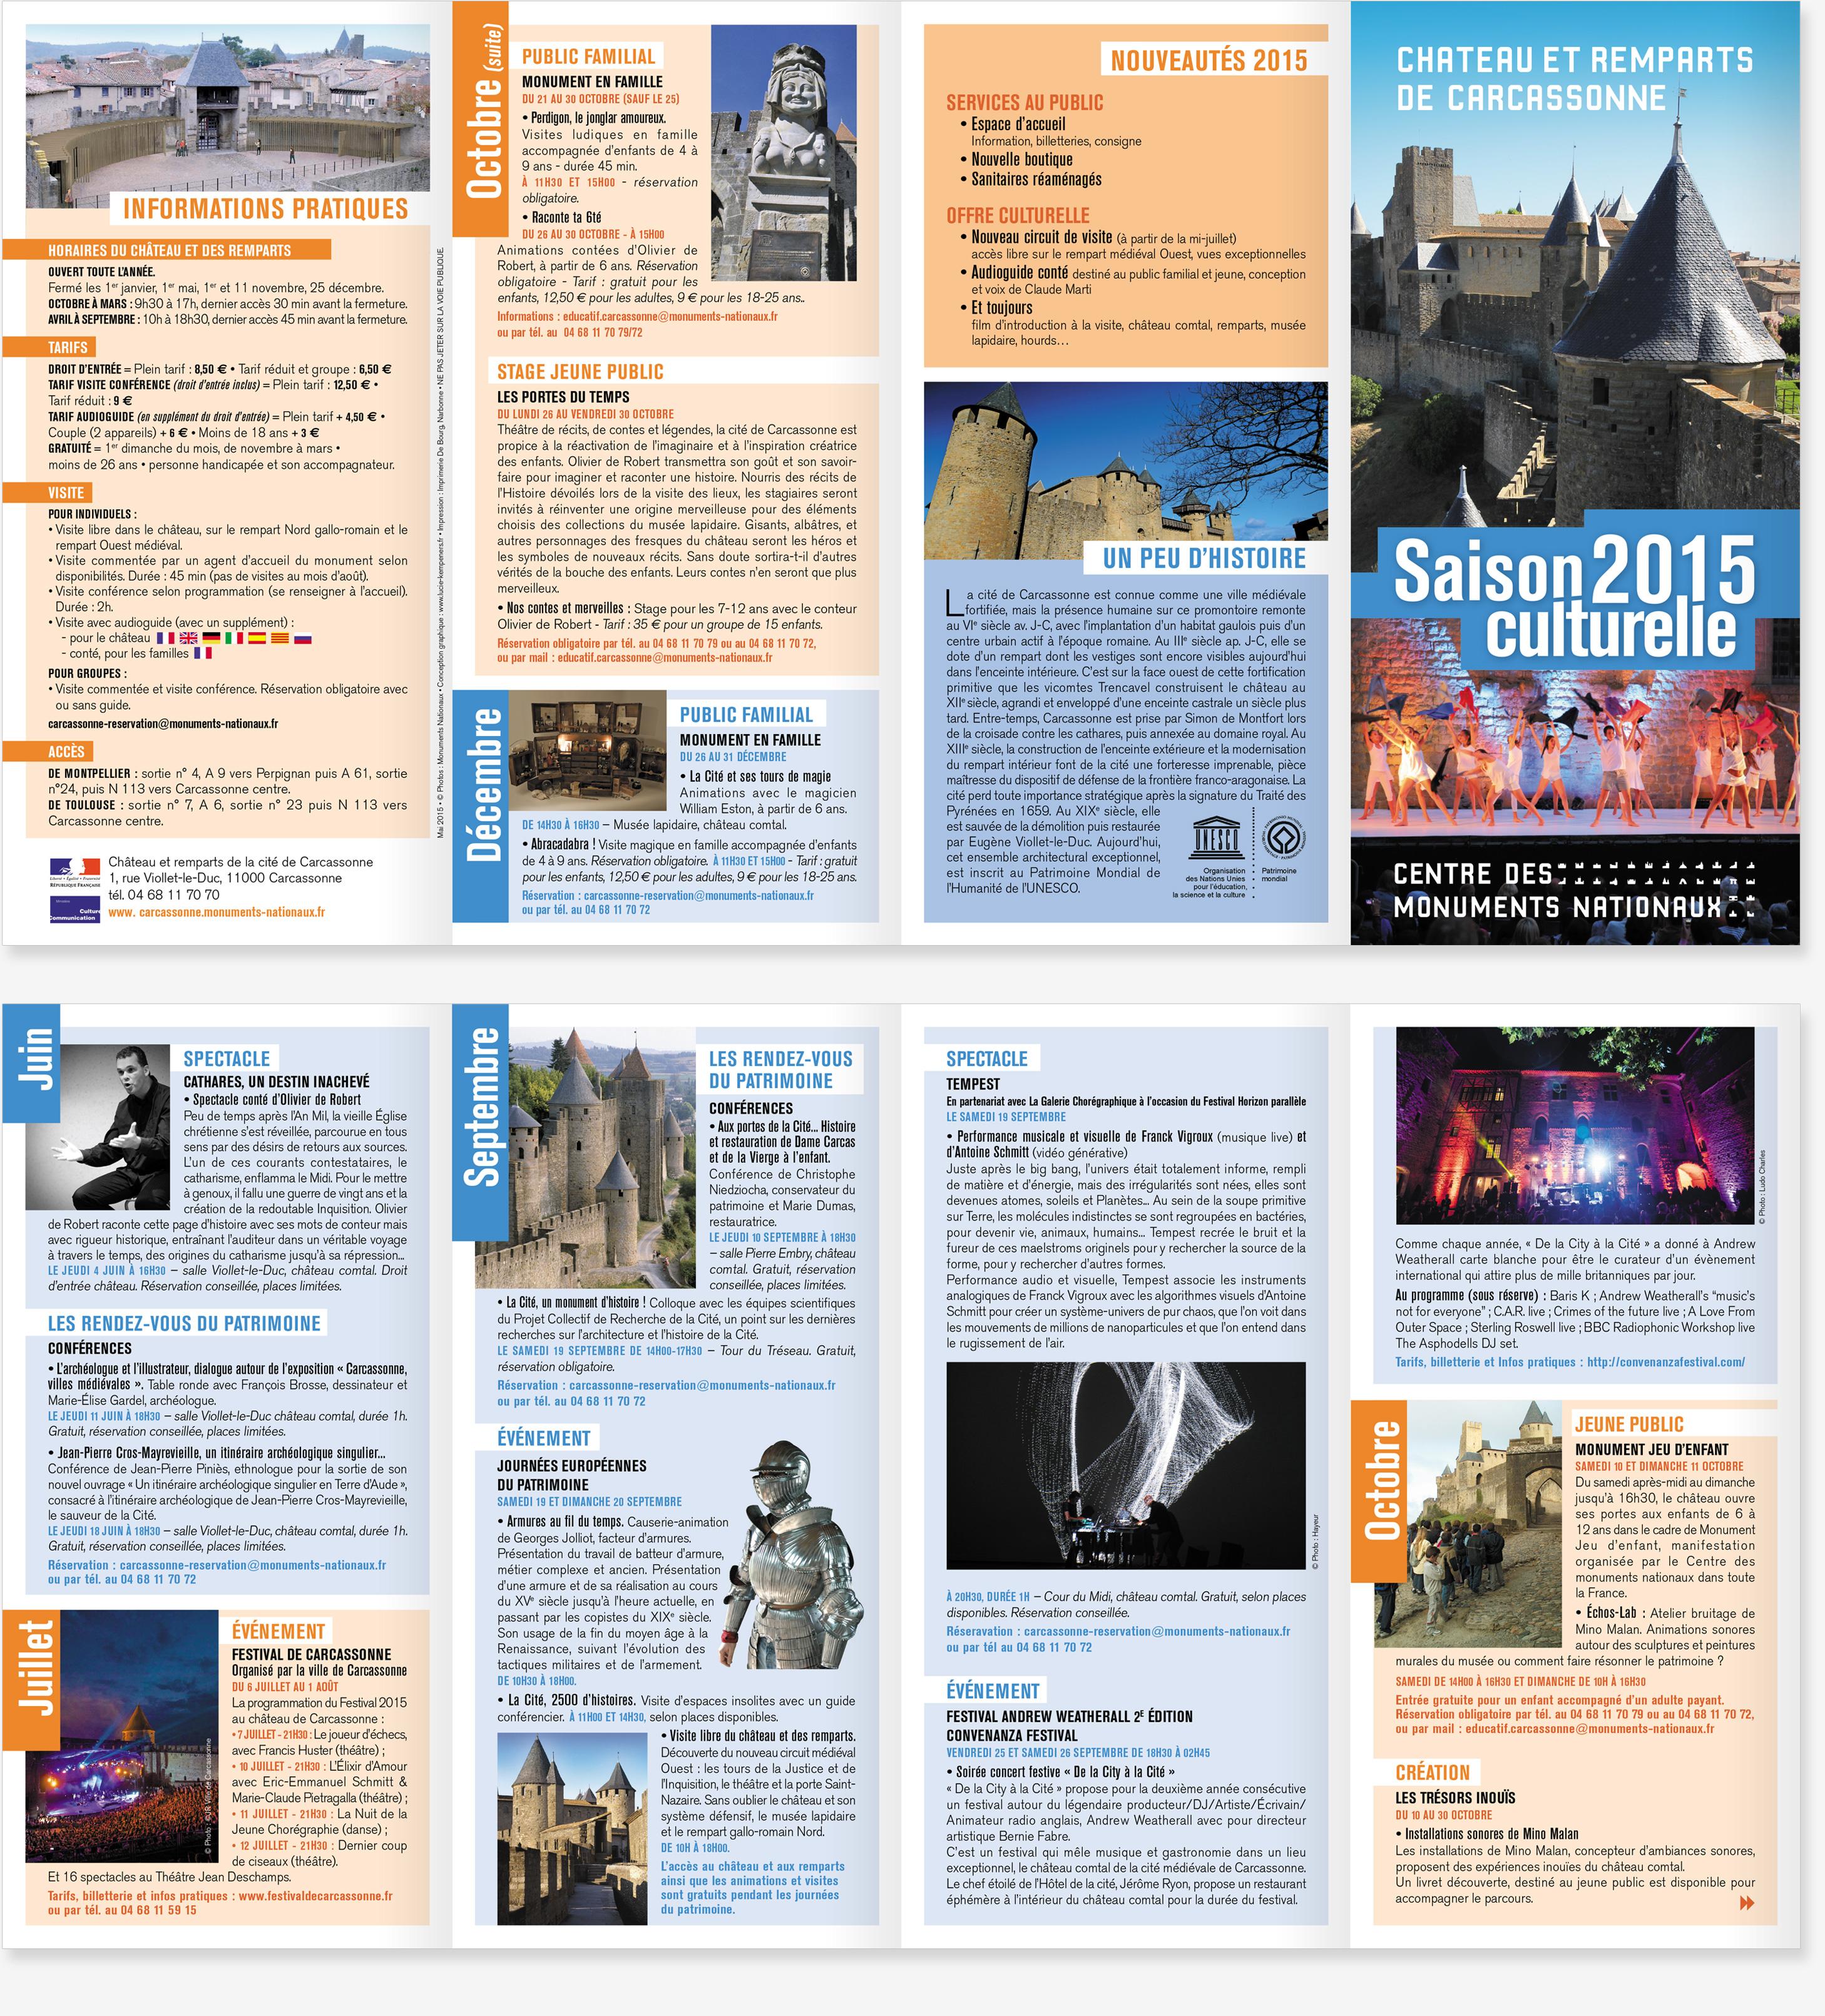 depliant-carcassonne-2.jpg